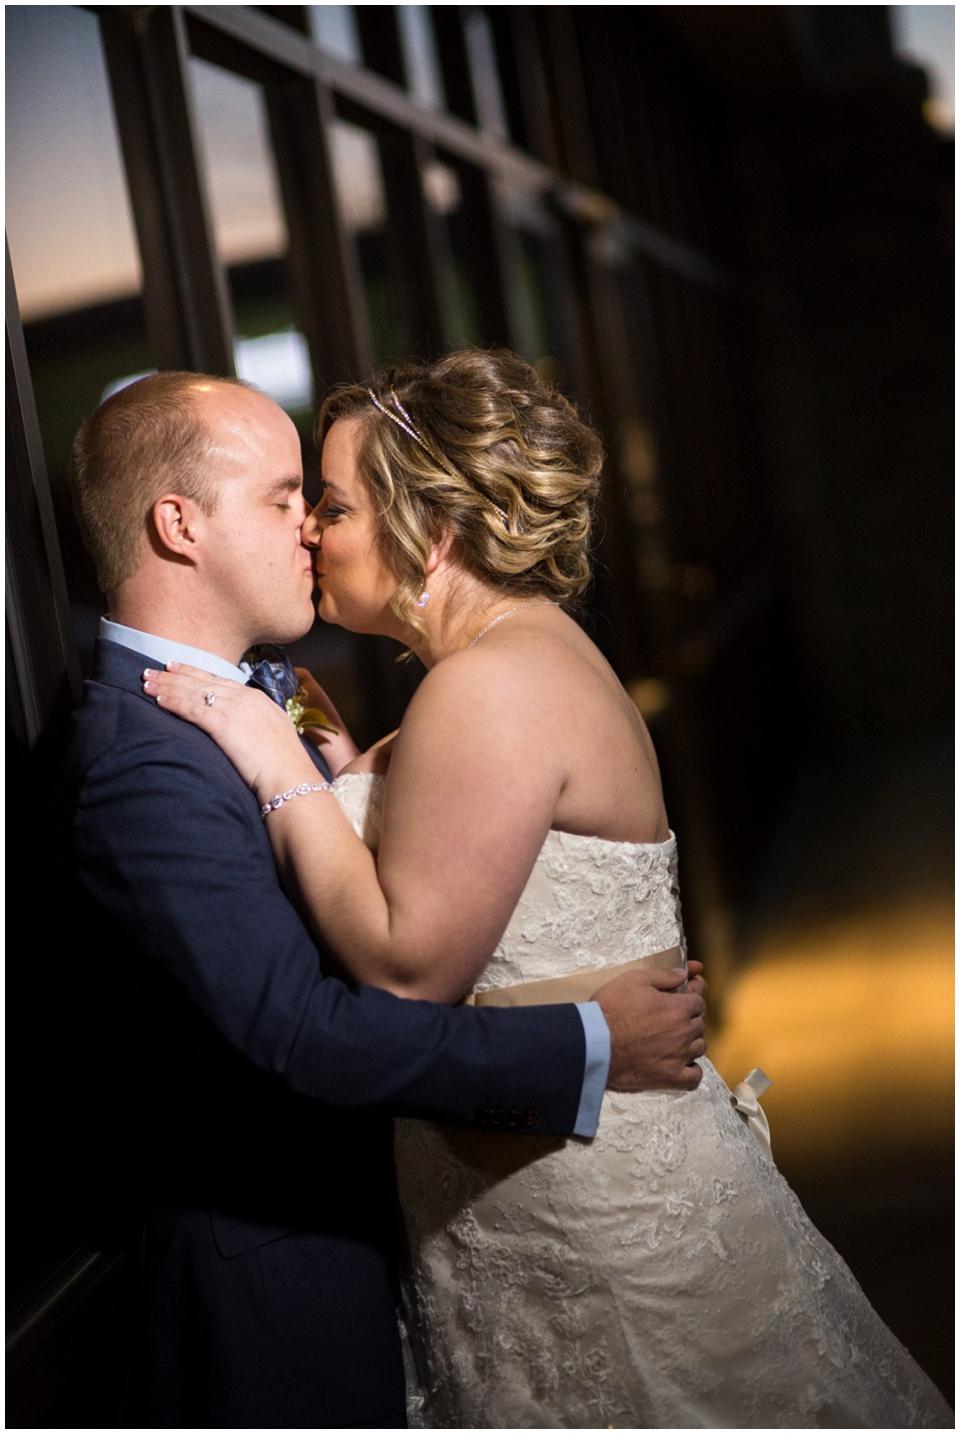 AaronCJ_Omaha_Wedding_Photographers-038.jpg